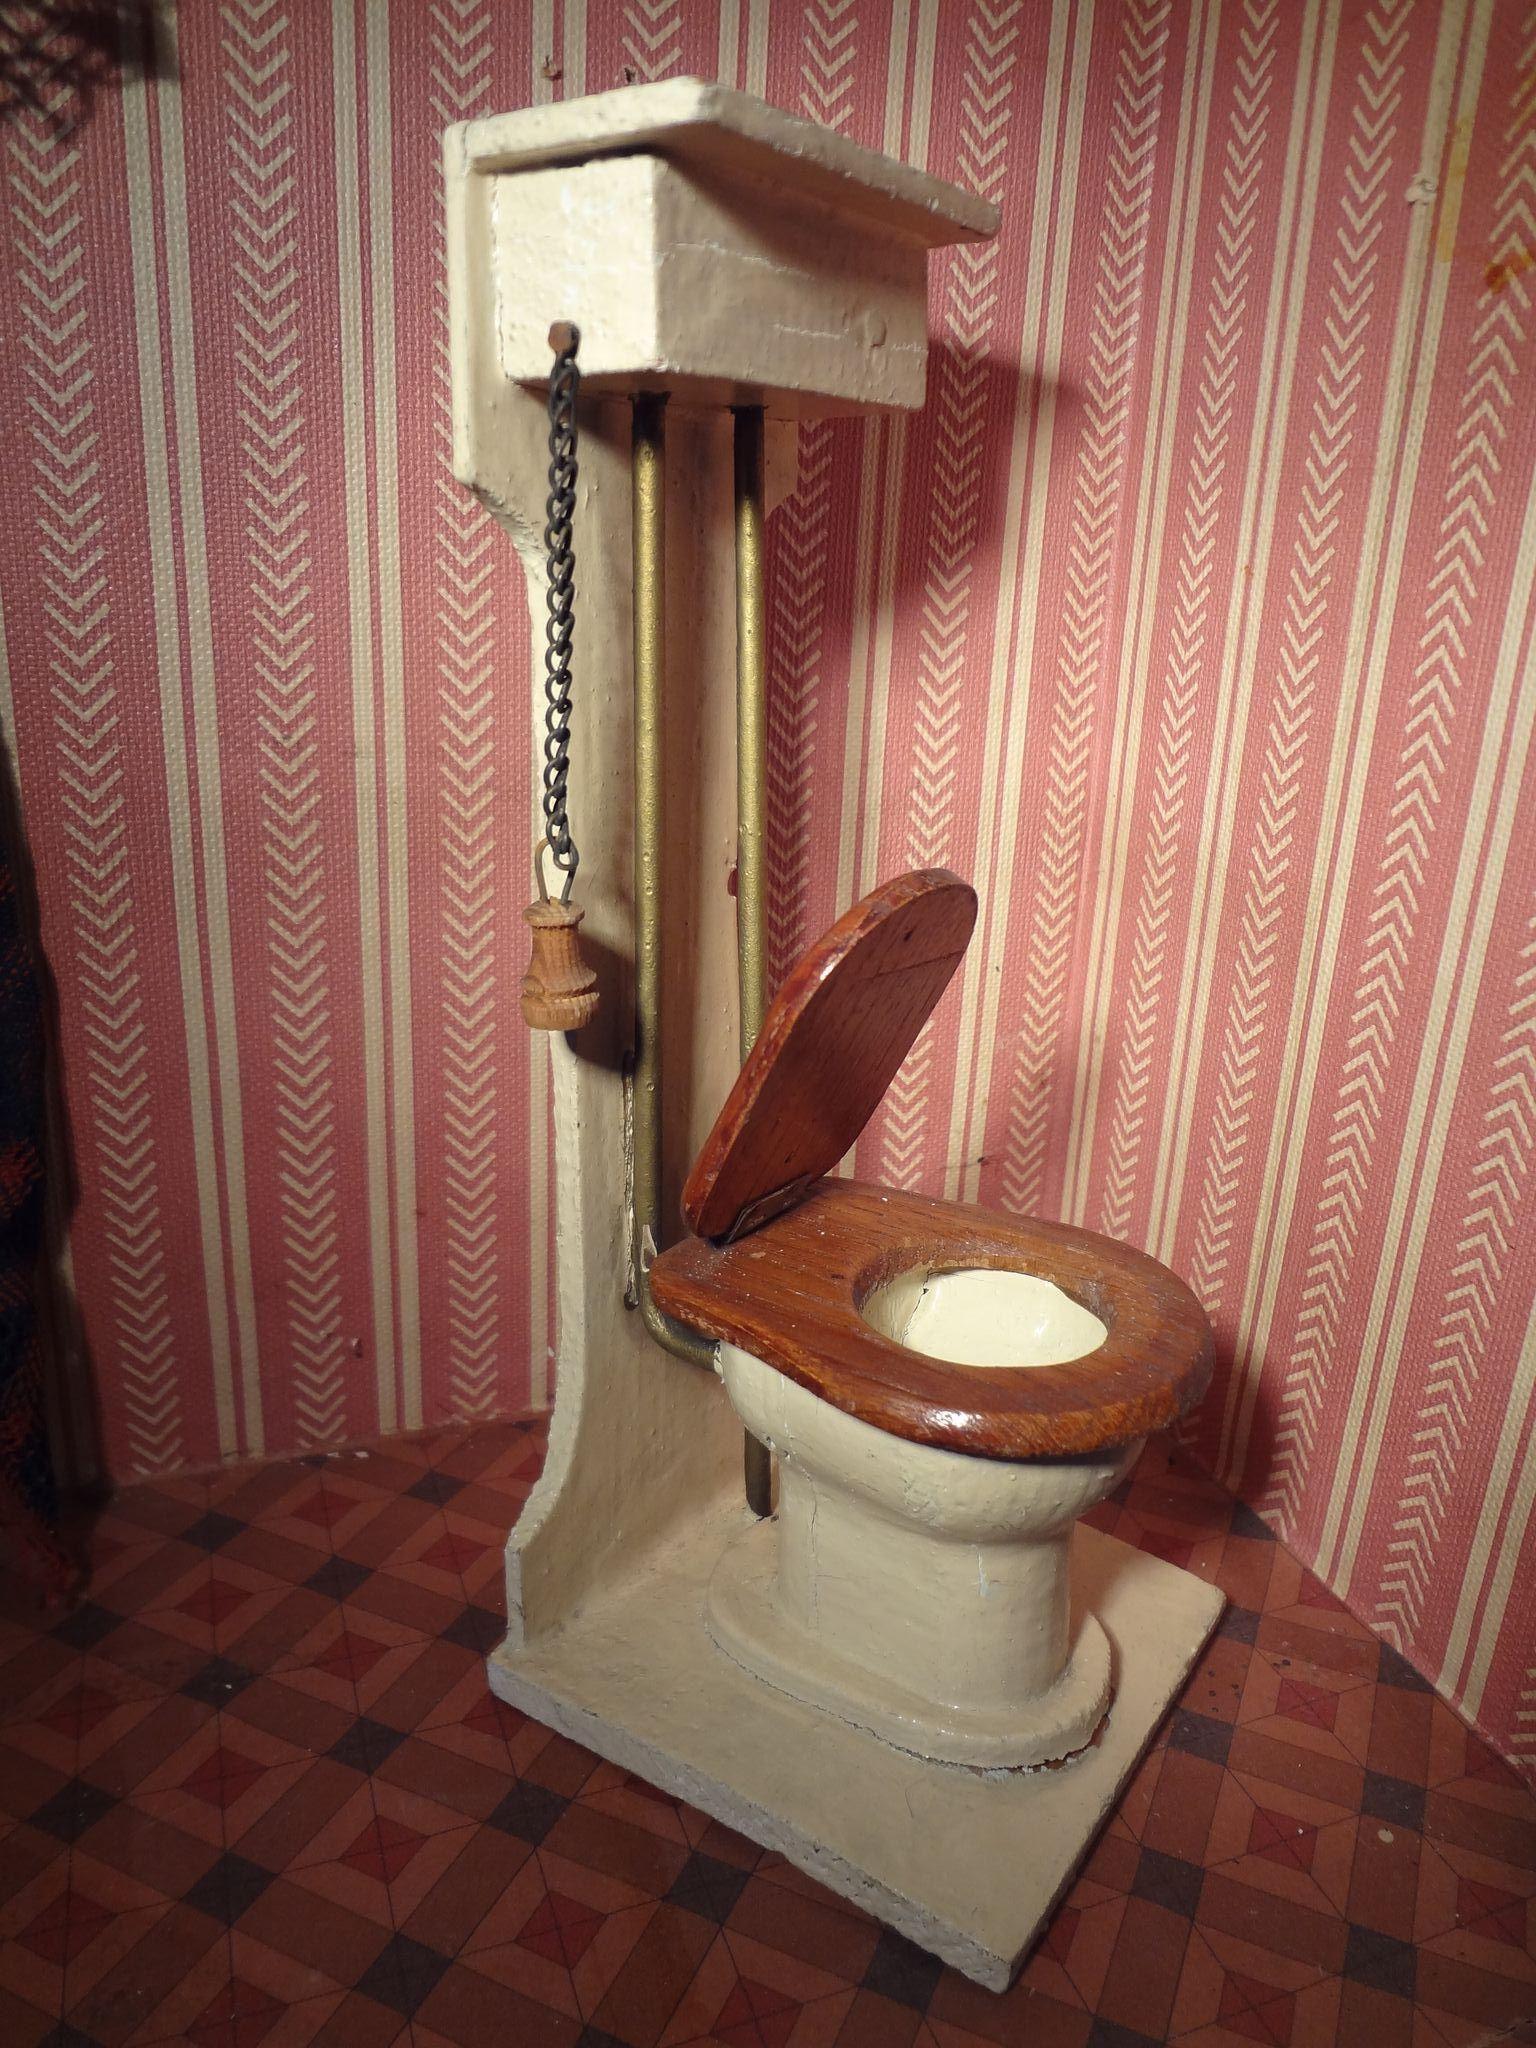 Doll House Bathroom German Bathtub Toilet Sink From